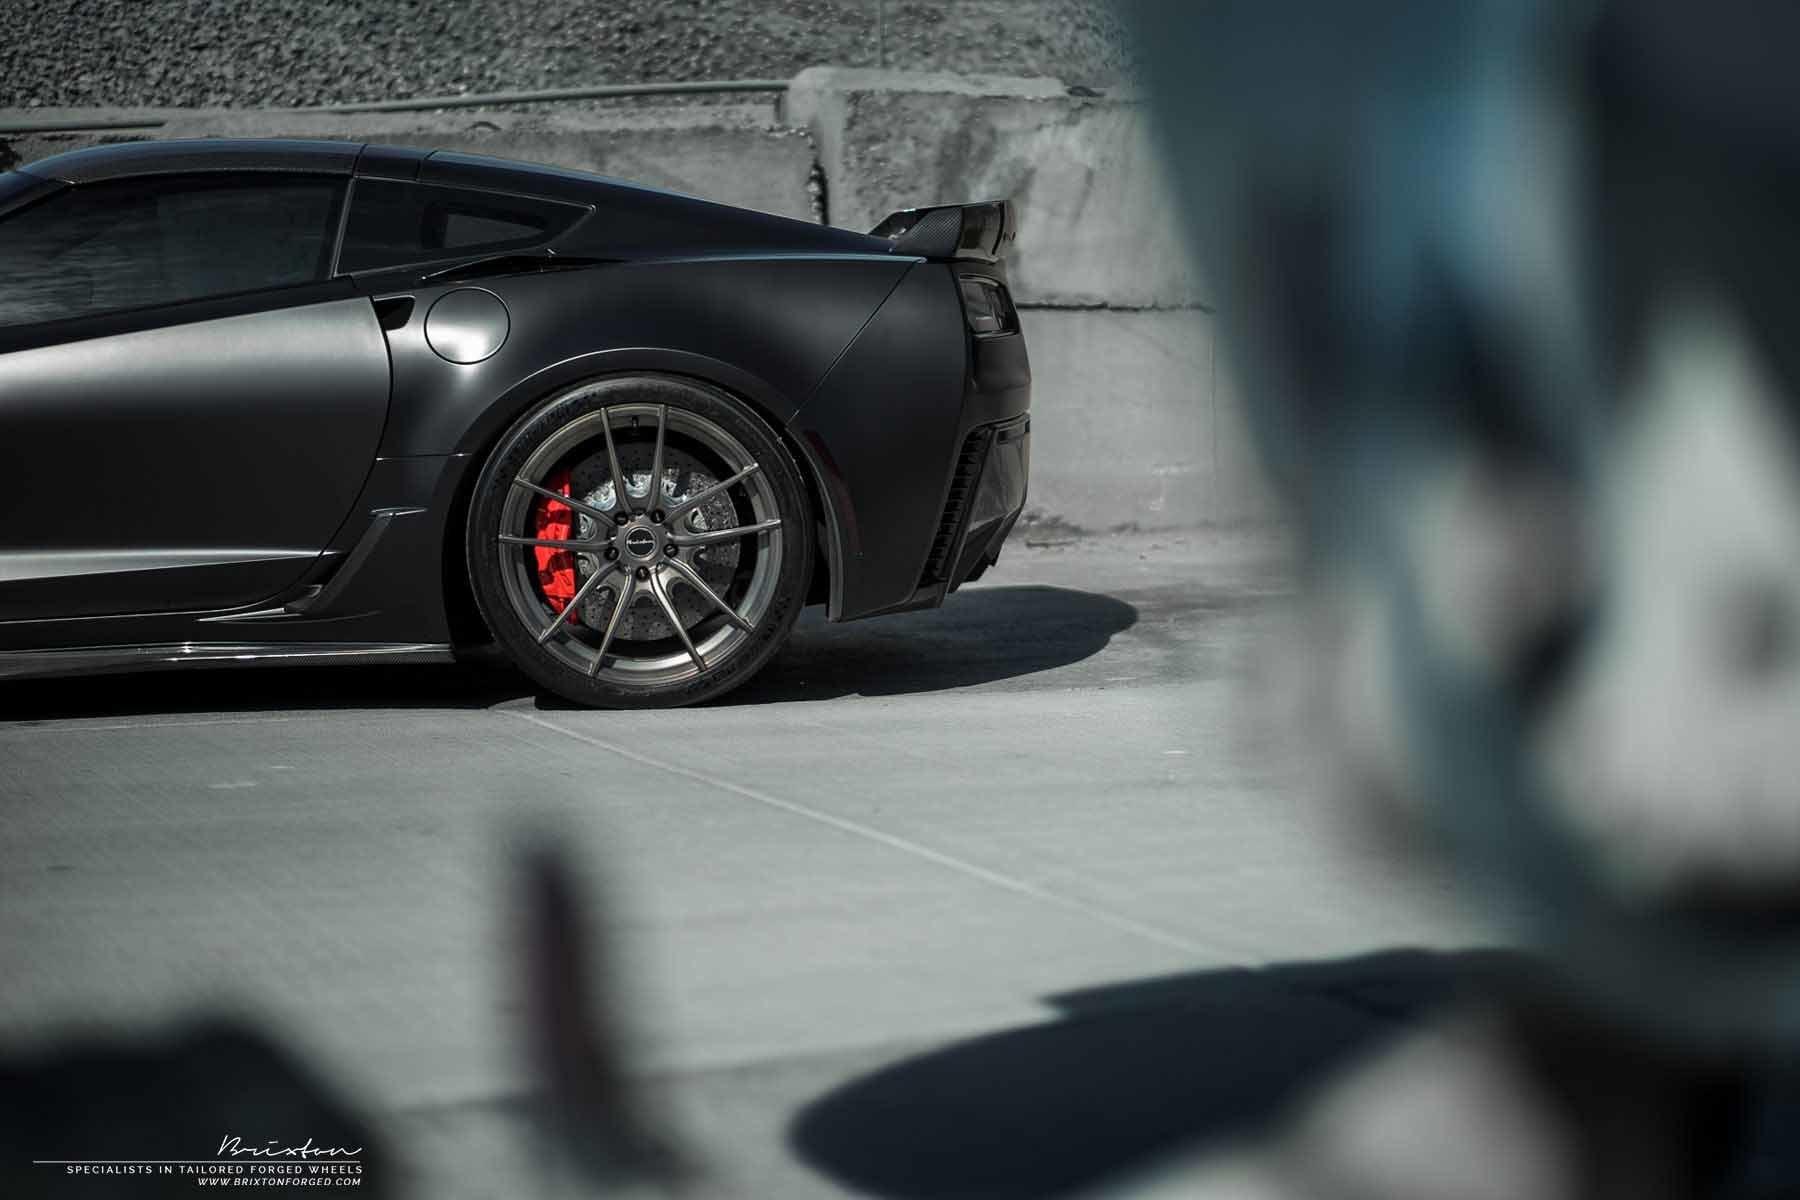 Brixton M53 (Ultrasport+ Series)